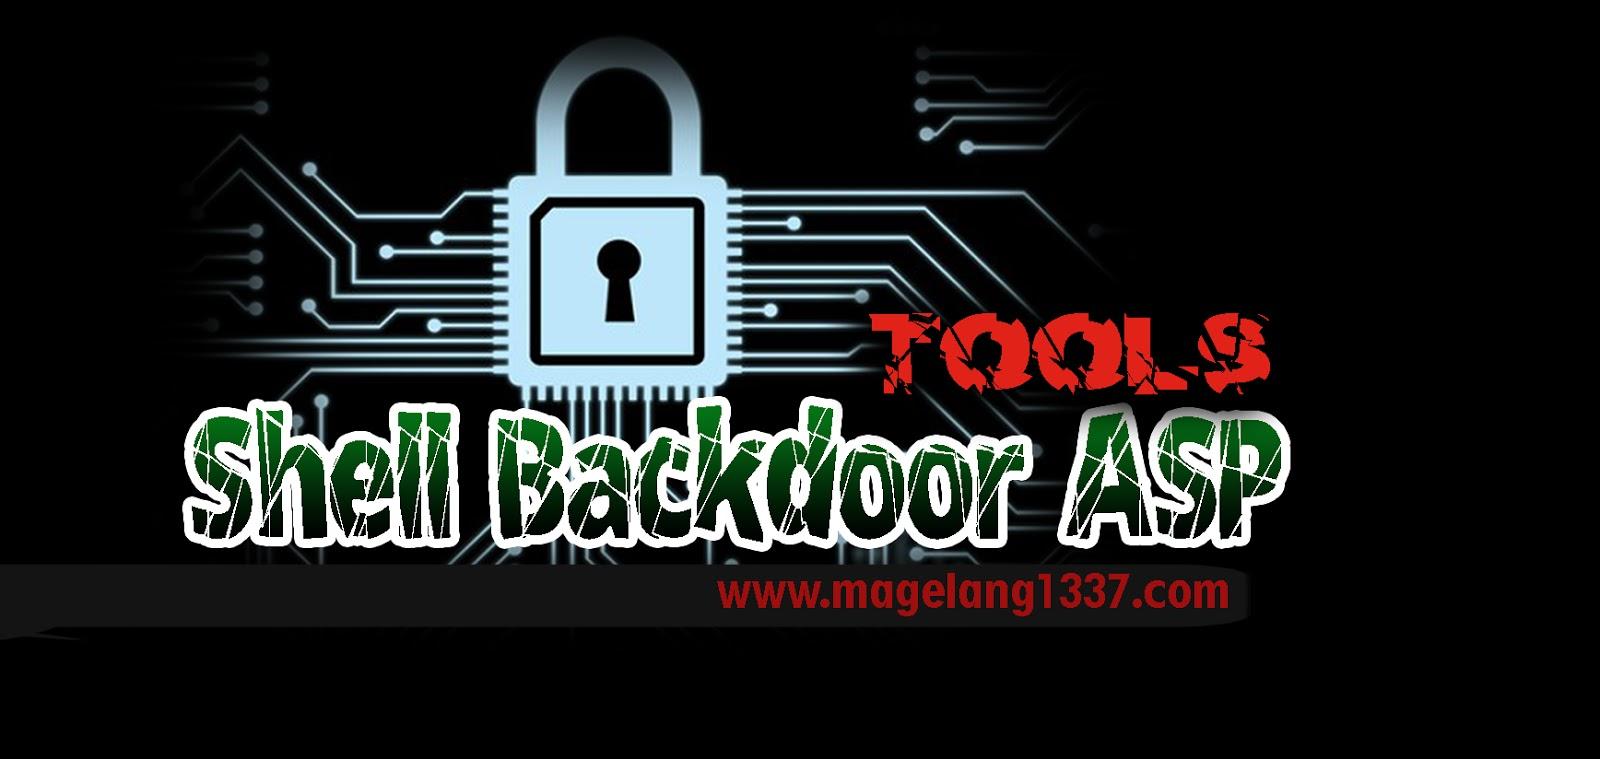 Shell Backdoor ASP   Magelang1337 - MNH-BLOG